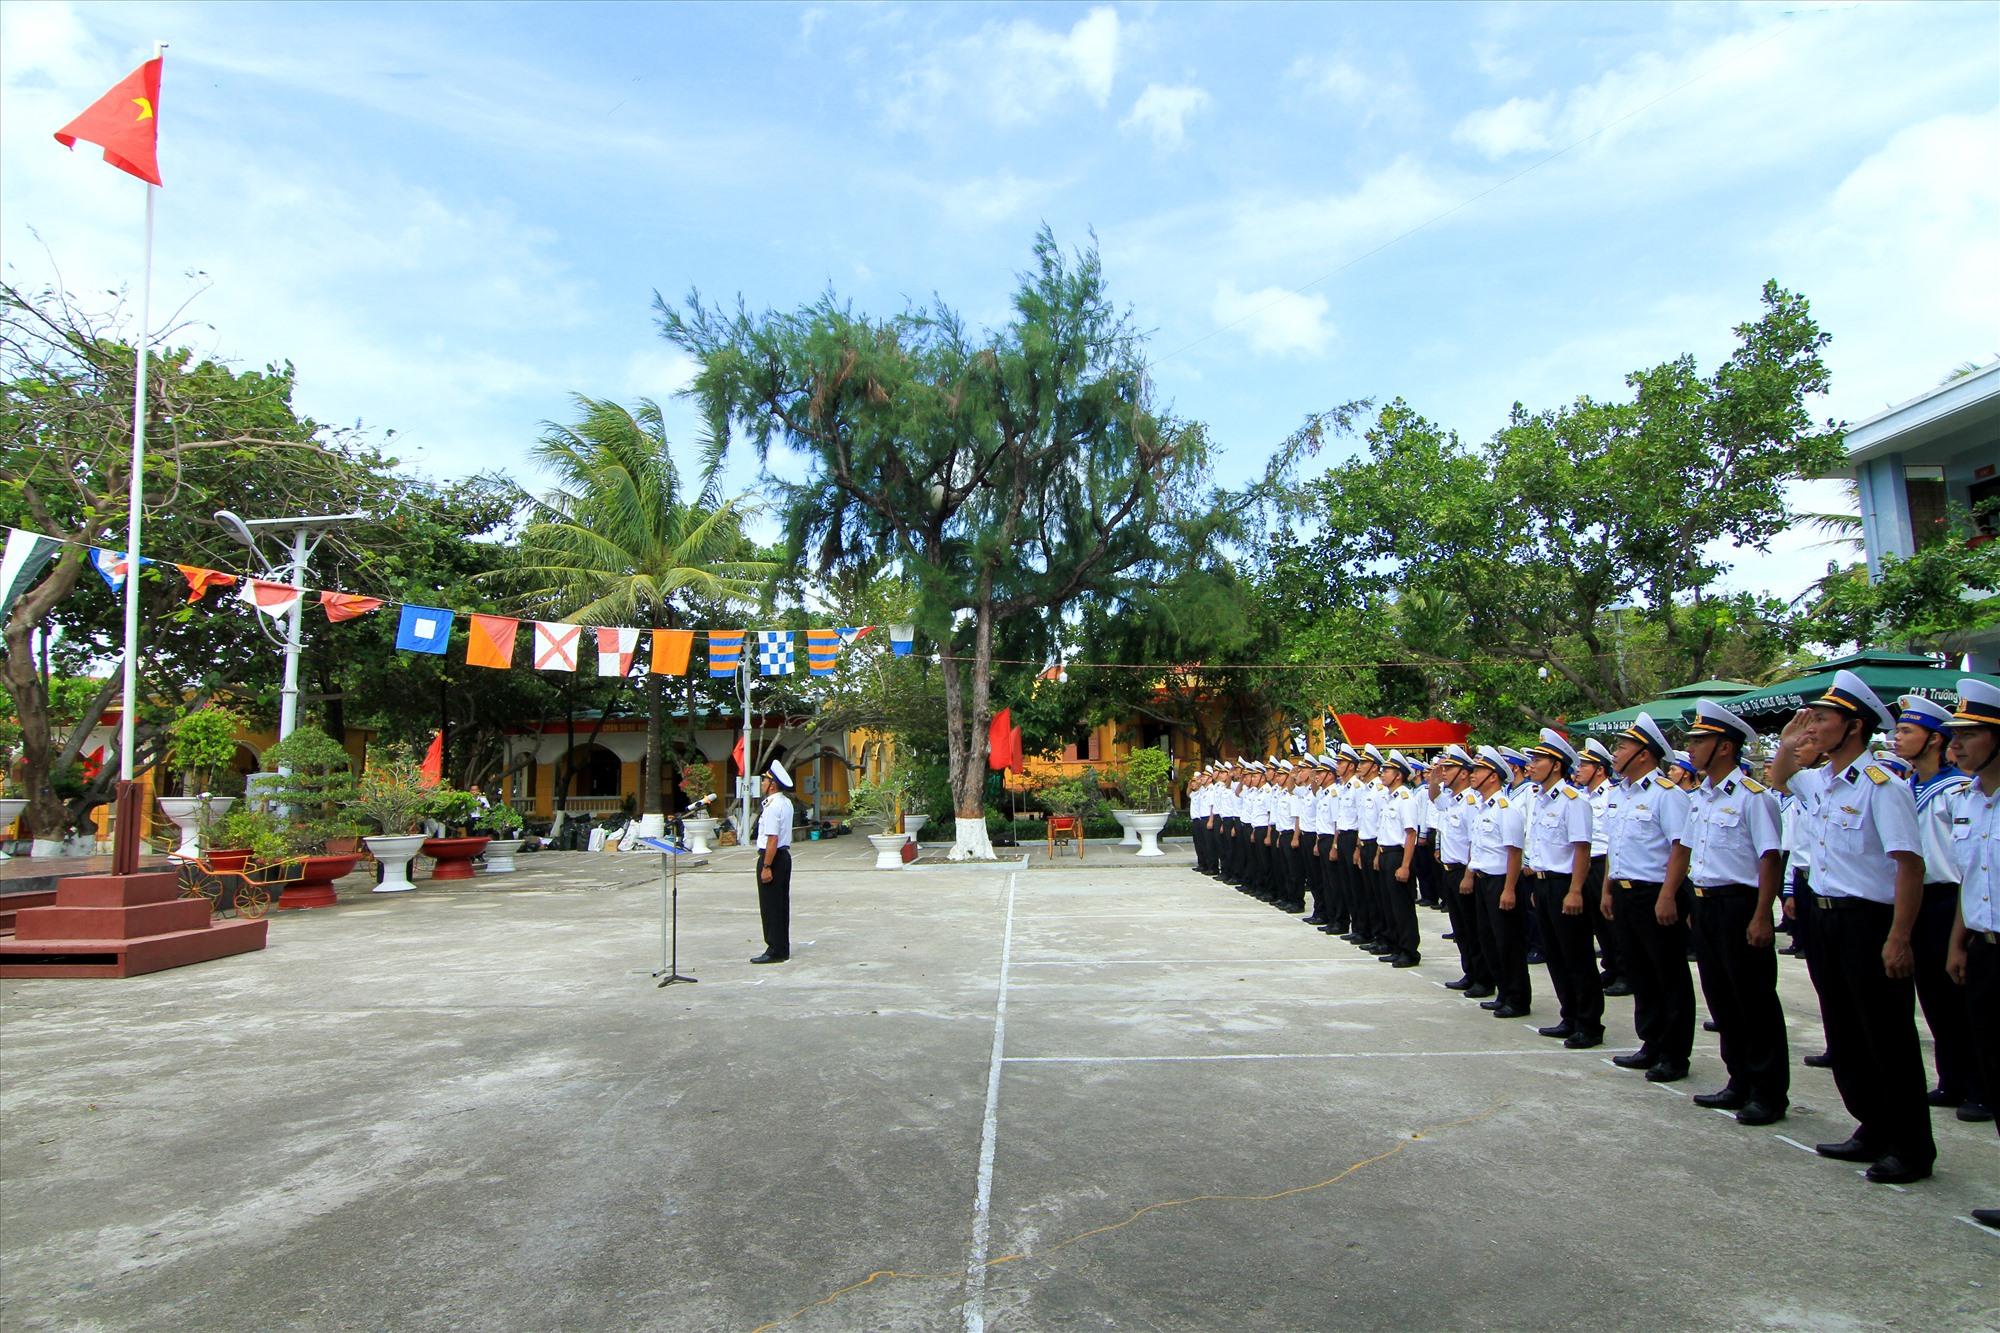 Lễ chào cờ đầu năm mới diễn ra hết sức thiêng liêng trên đảo nổi Sinh Tồn